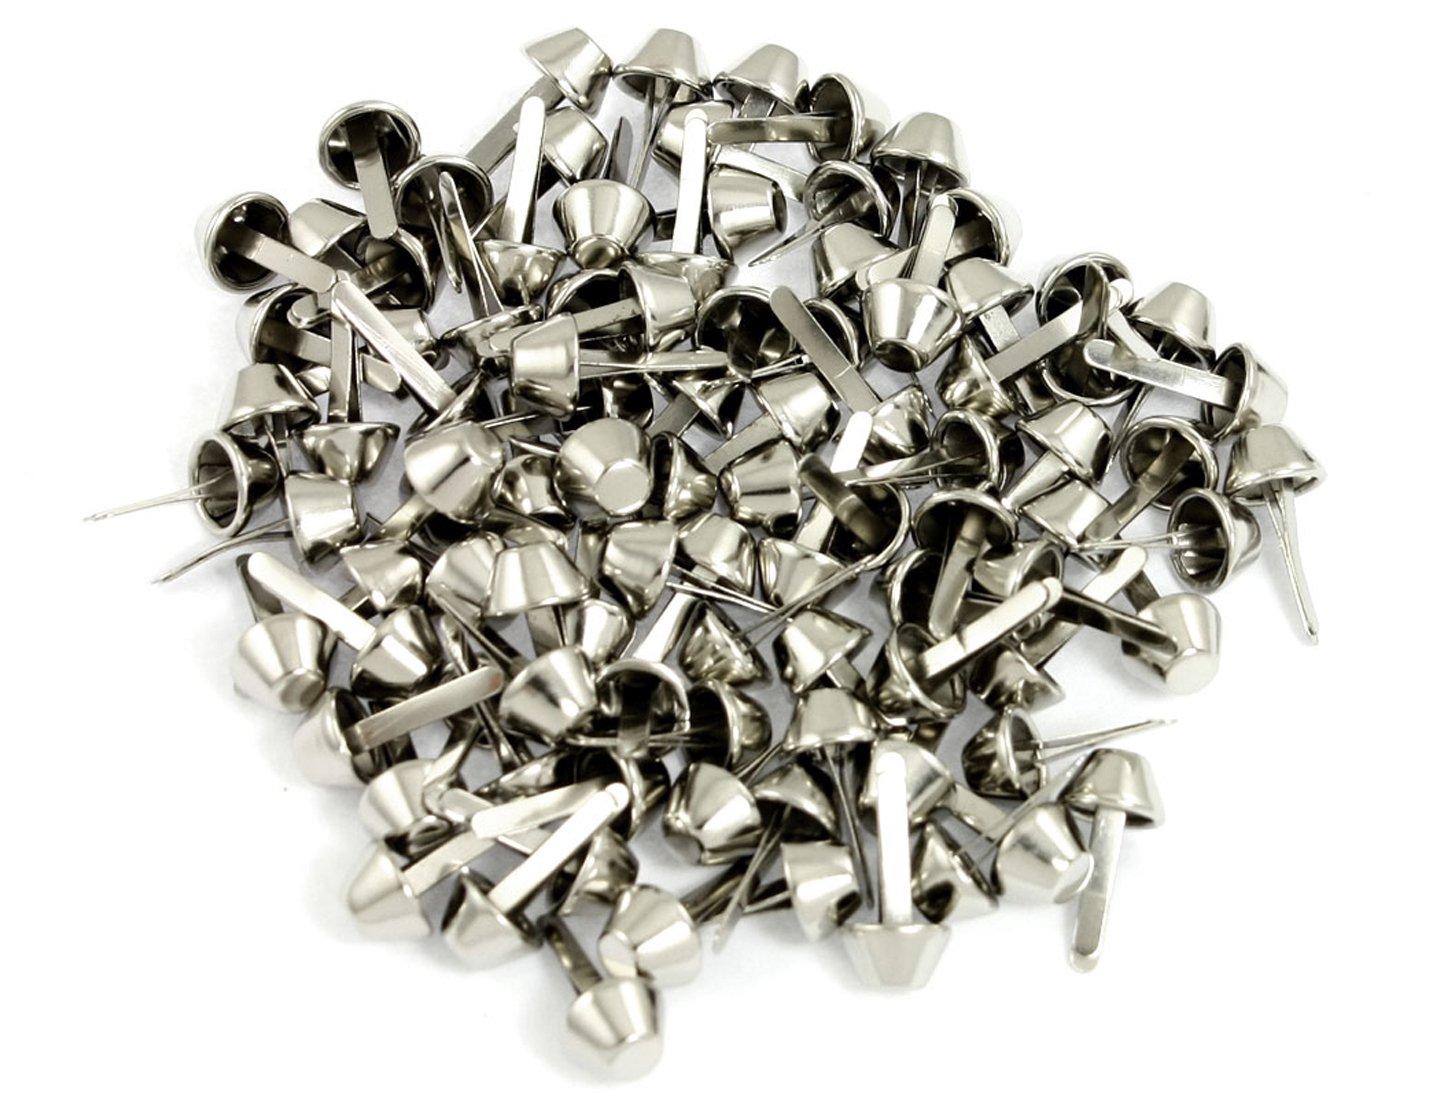 100 Pcs Silver Tone Metal Split Rivets for Bag Clothes